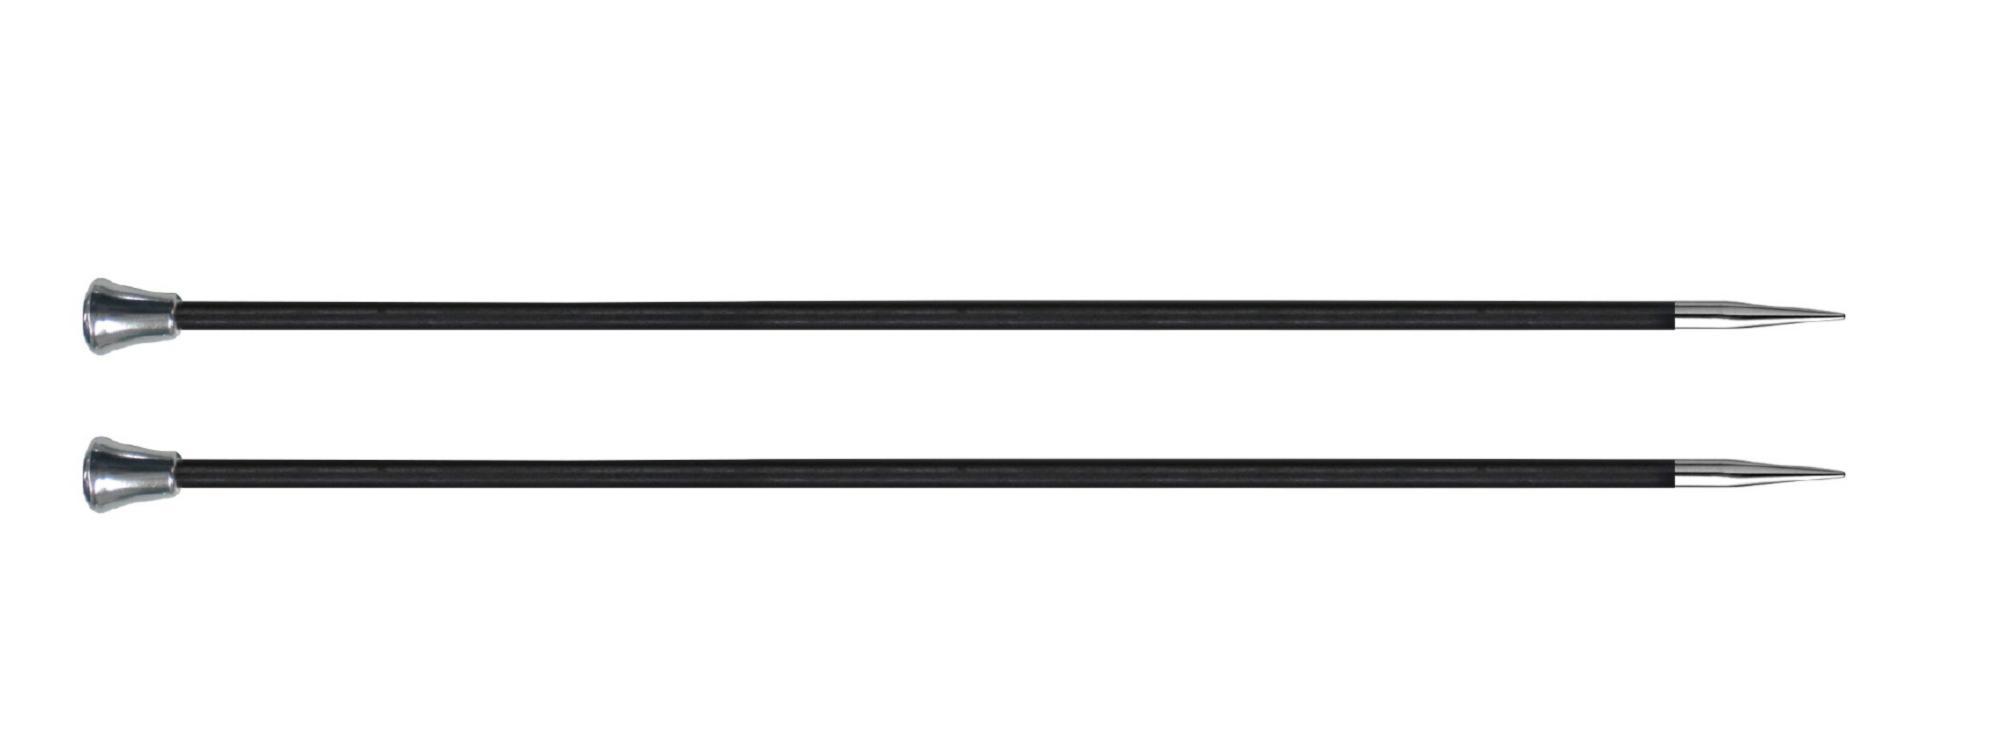 Спицы прямые 25 см Karbonz KnitPro, 41252, 2.50 мм